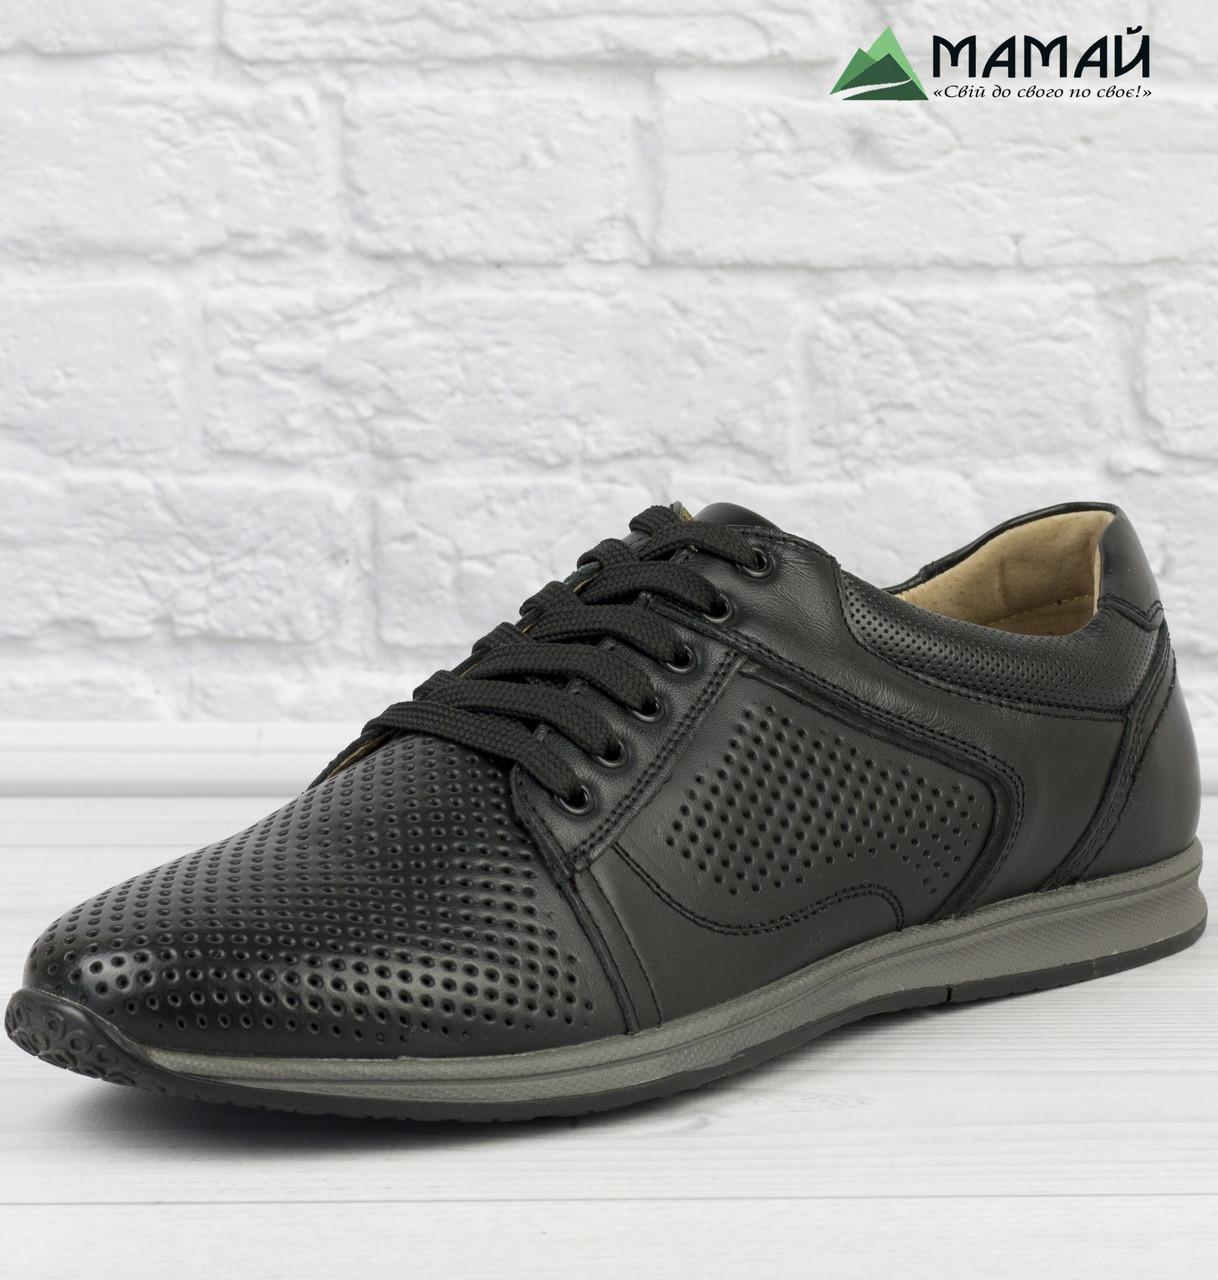 ab125169ec40f4 Шкіряні чоловічі туфлі на літо - Інтернет-магазин дешевого взуття в Львове